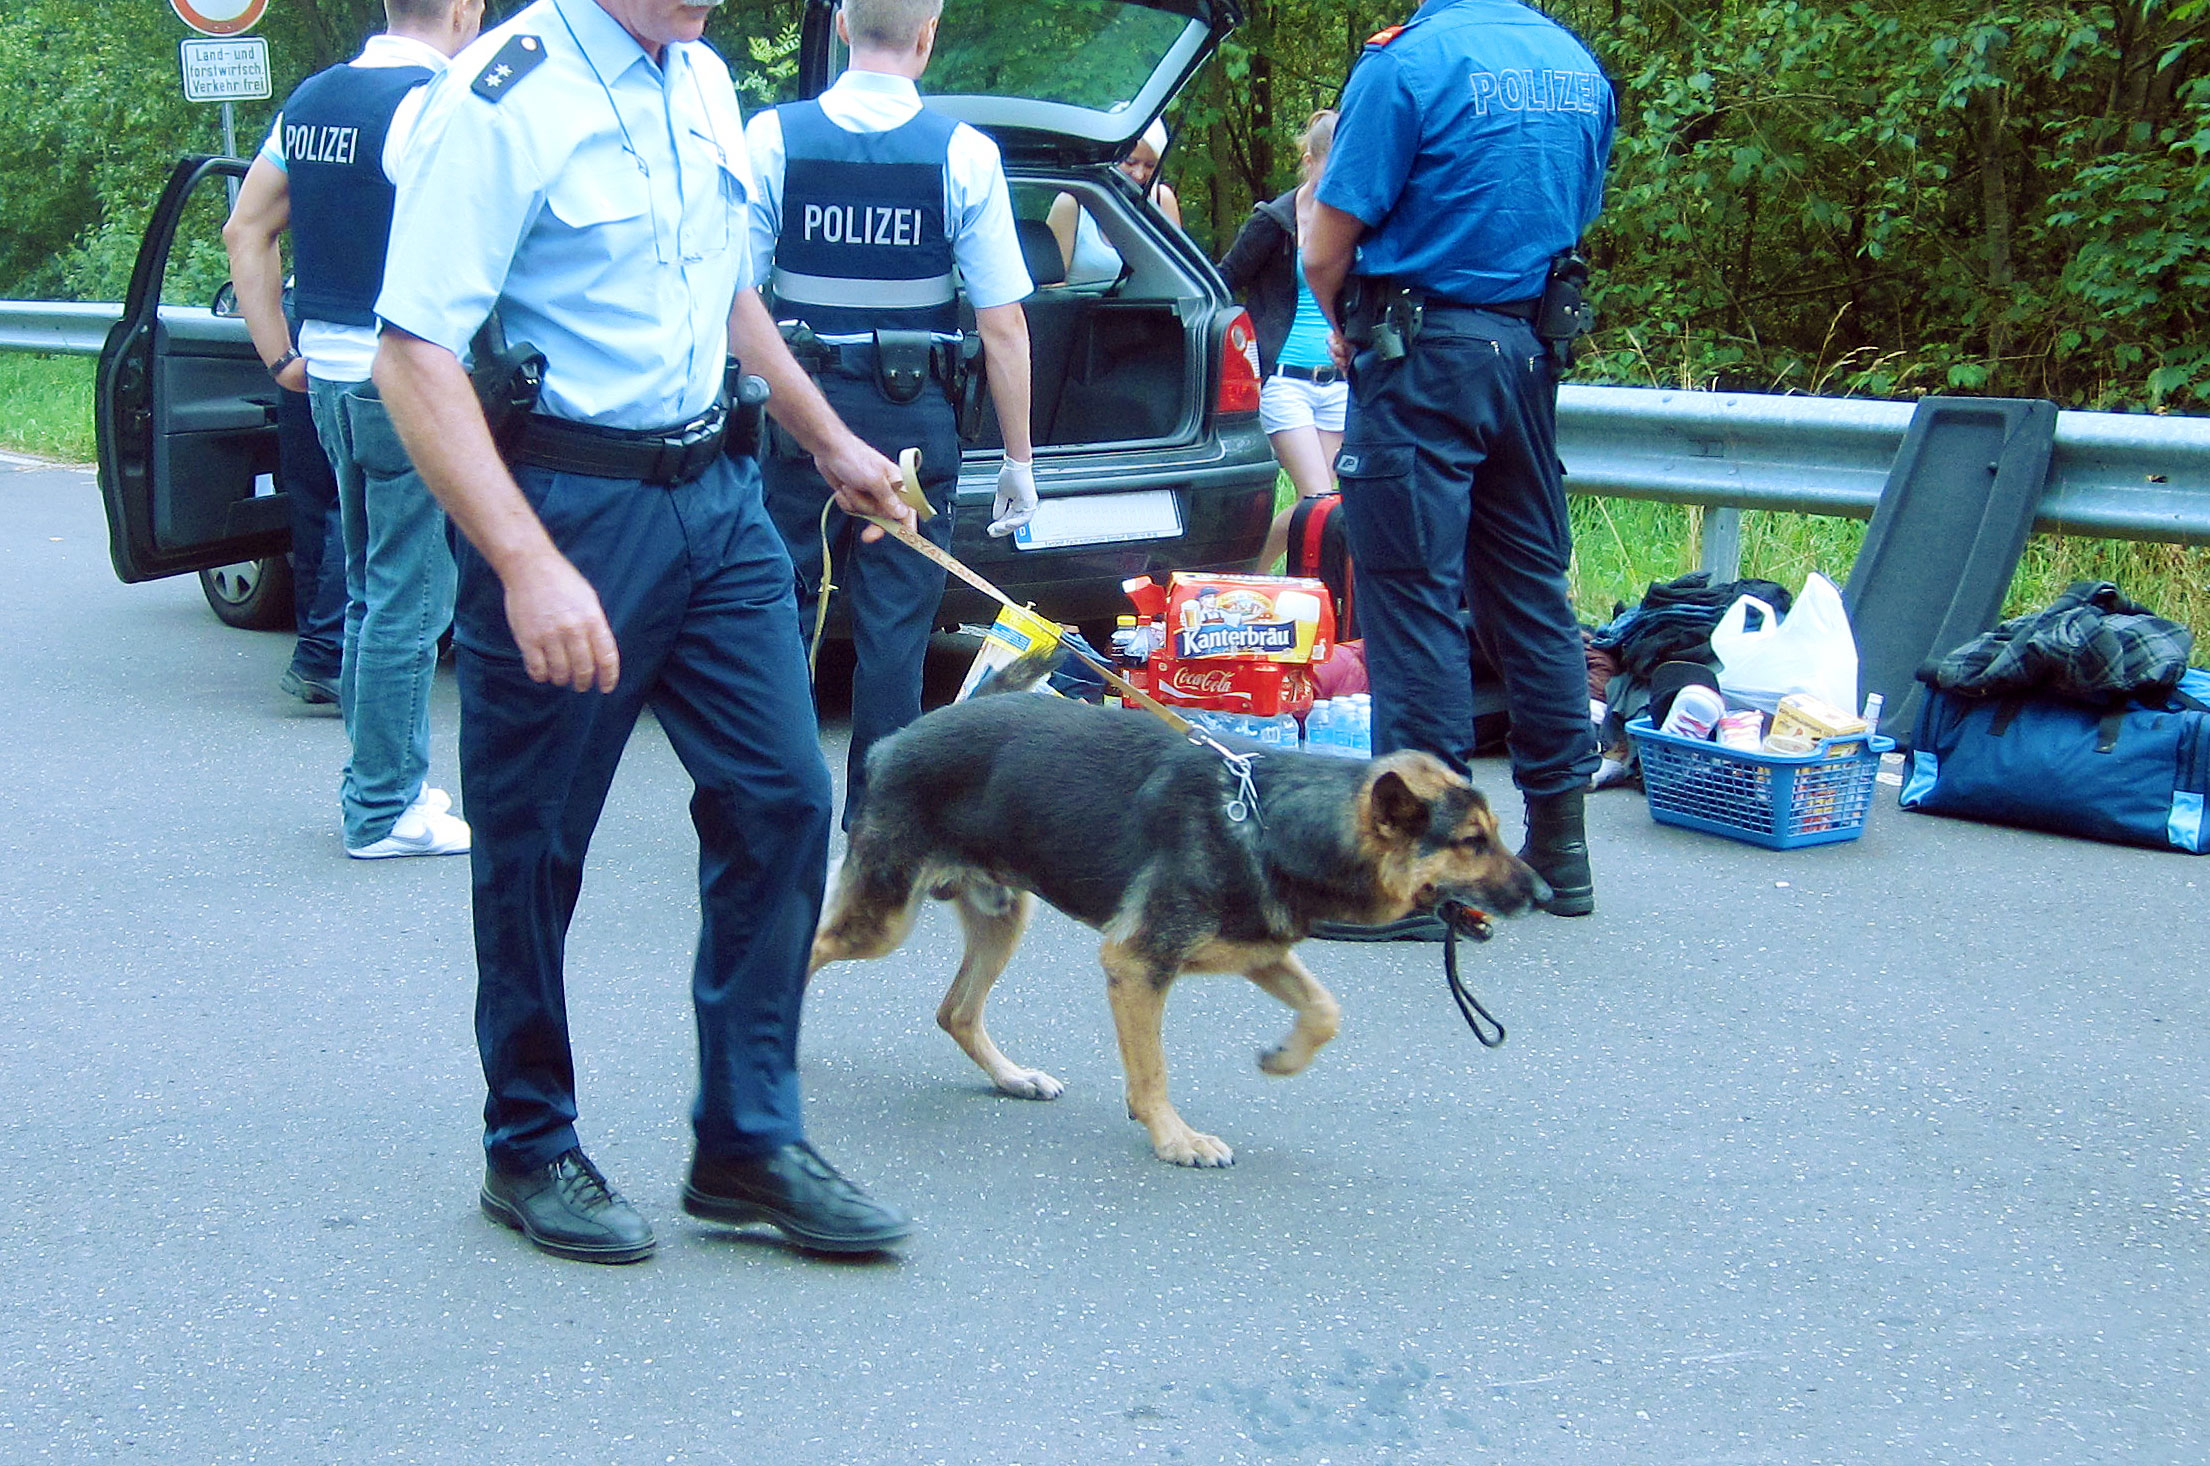 Polizeihund_Drogensuche_Nature_One_IMG_2091_Retusche_Ausschnitt